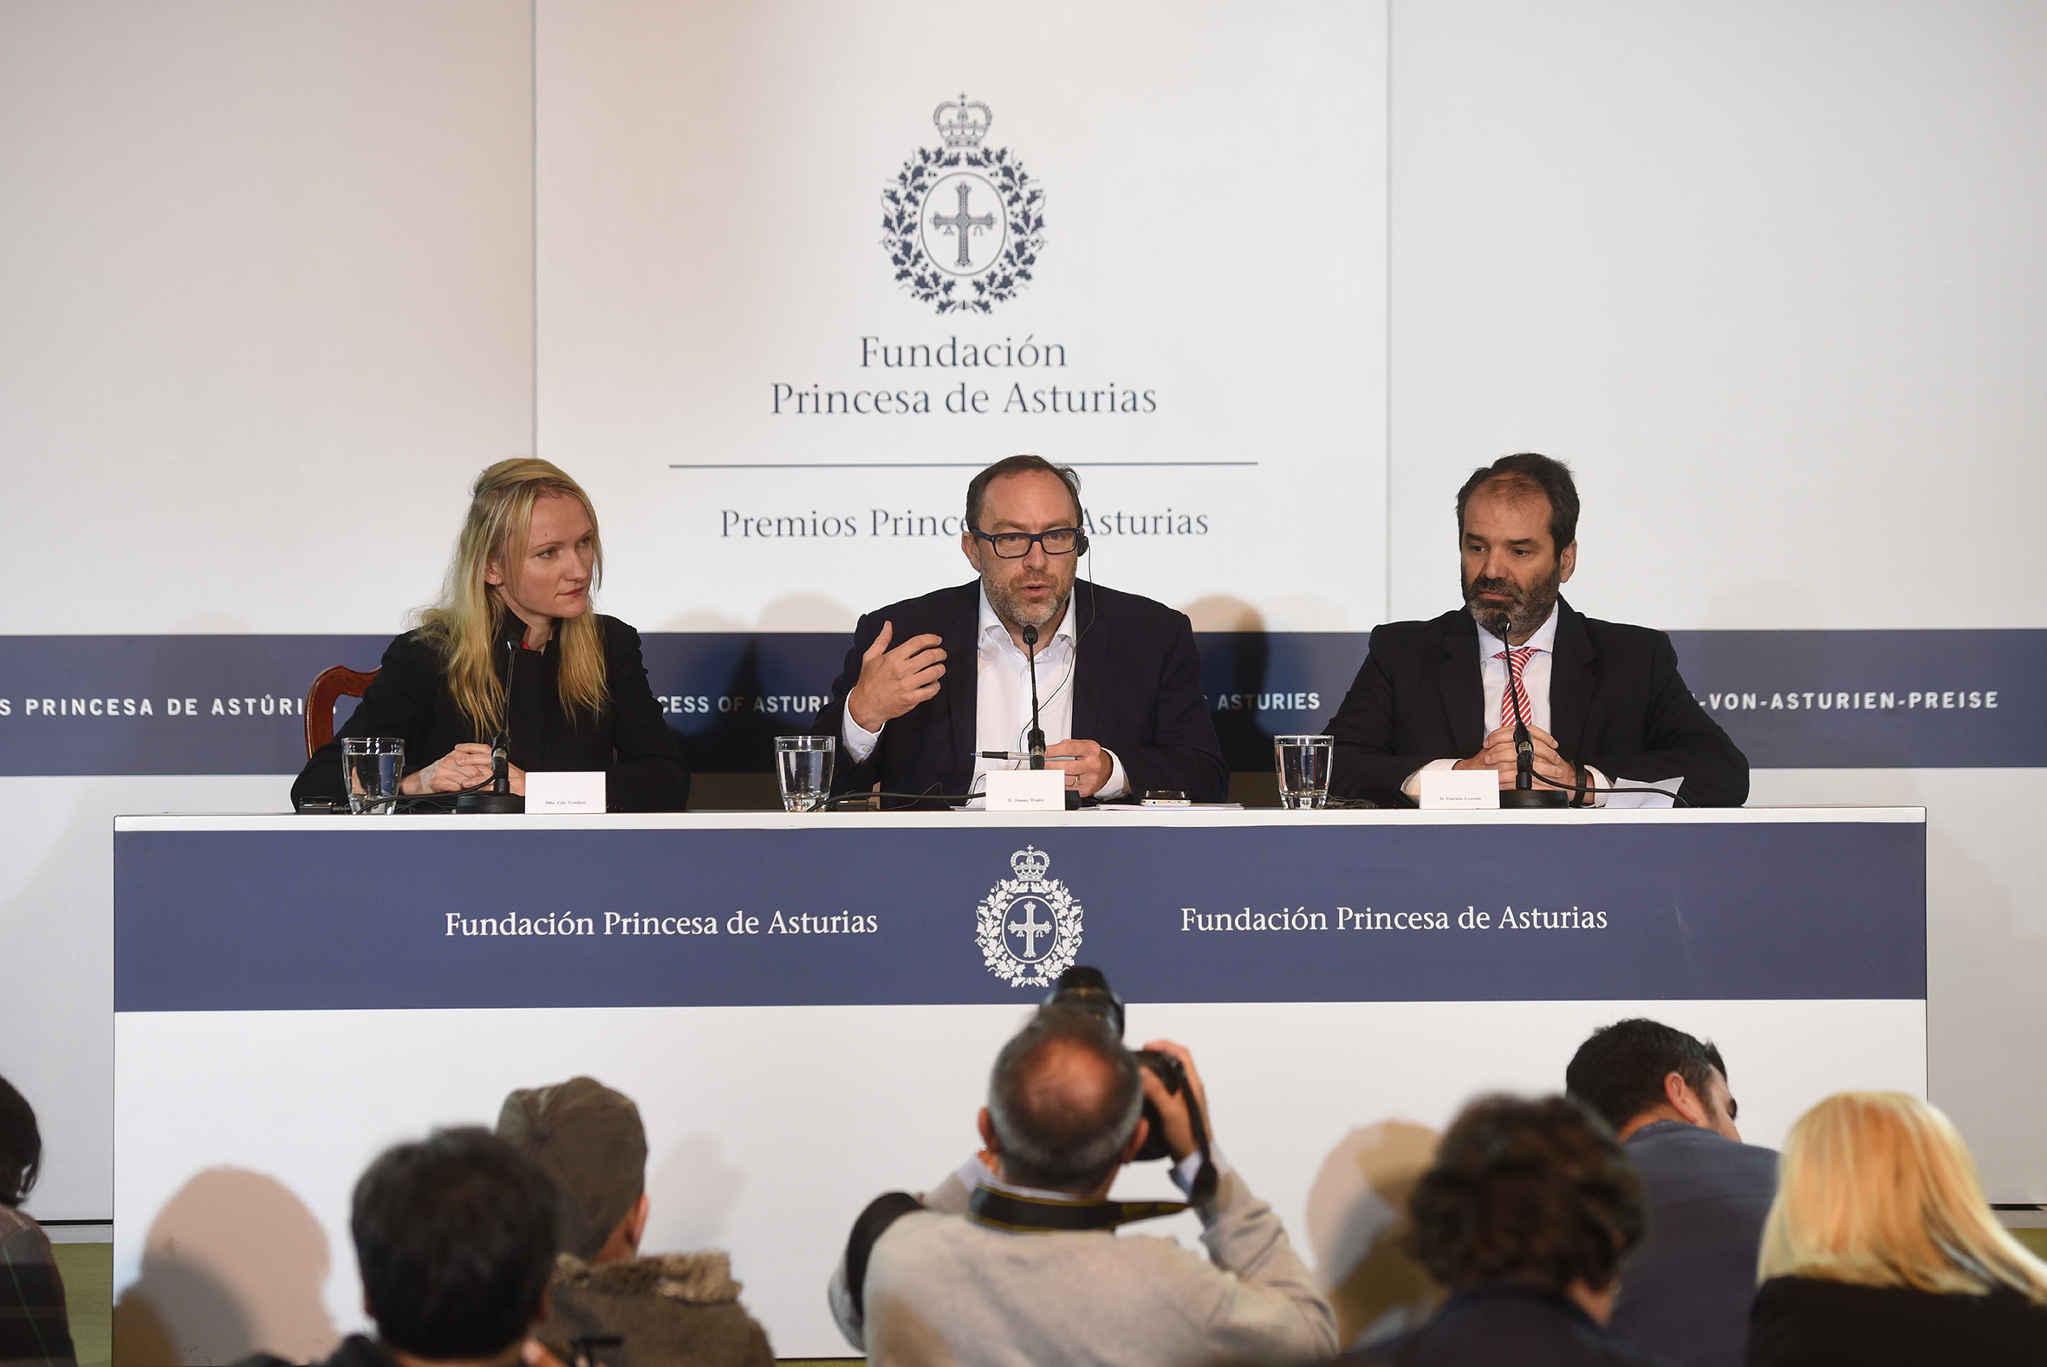 Rueda de prensa de Jimmy Wales, Patricio Lorente y Lila Tretikov